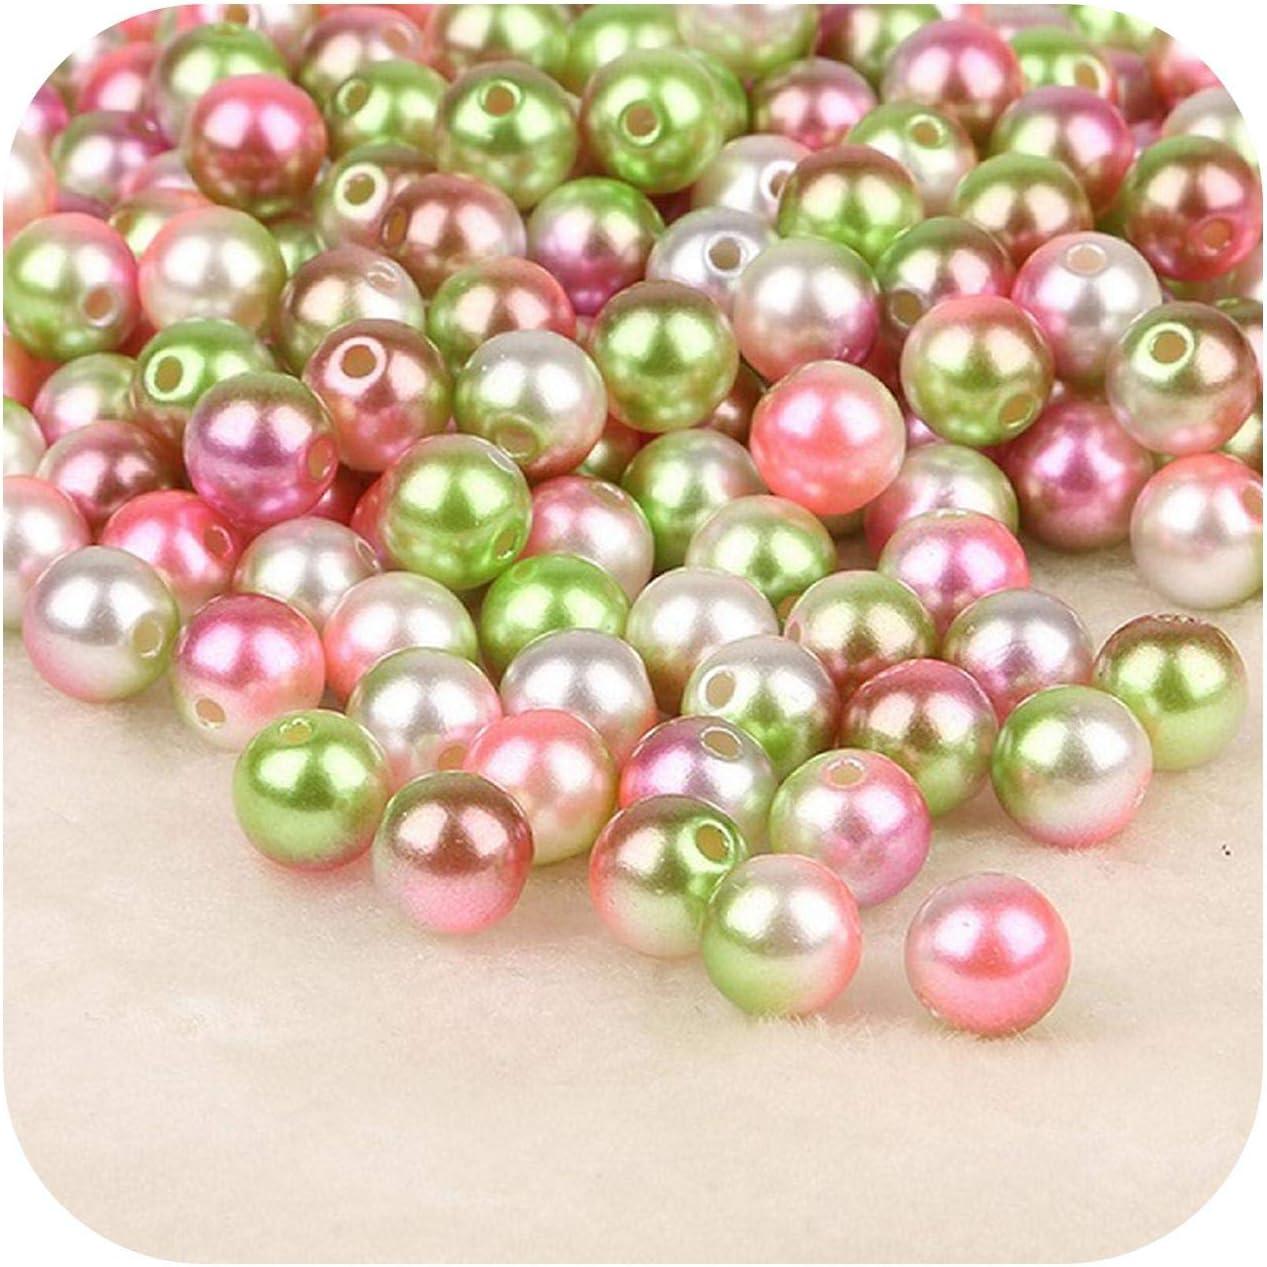 Accessorie 50 – 500 cuentas redondas sueltas de perlas de imitación de 4 6 8 10 12 mm, hechas a mano para hacer collares y pulseras 10mm 50pcs Color 1